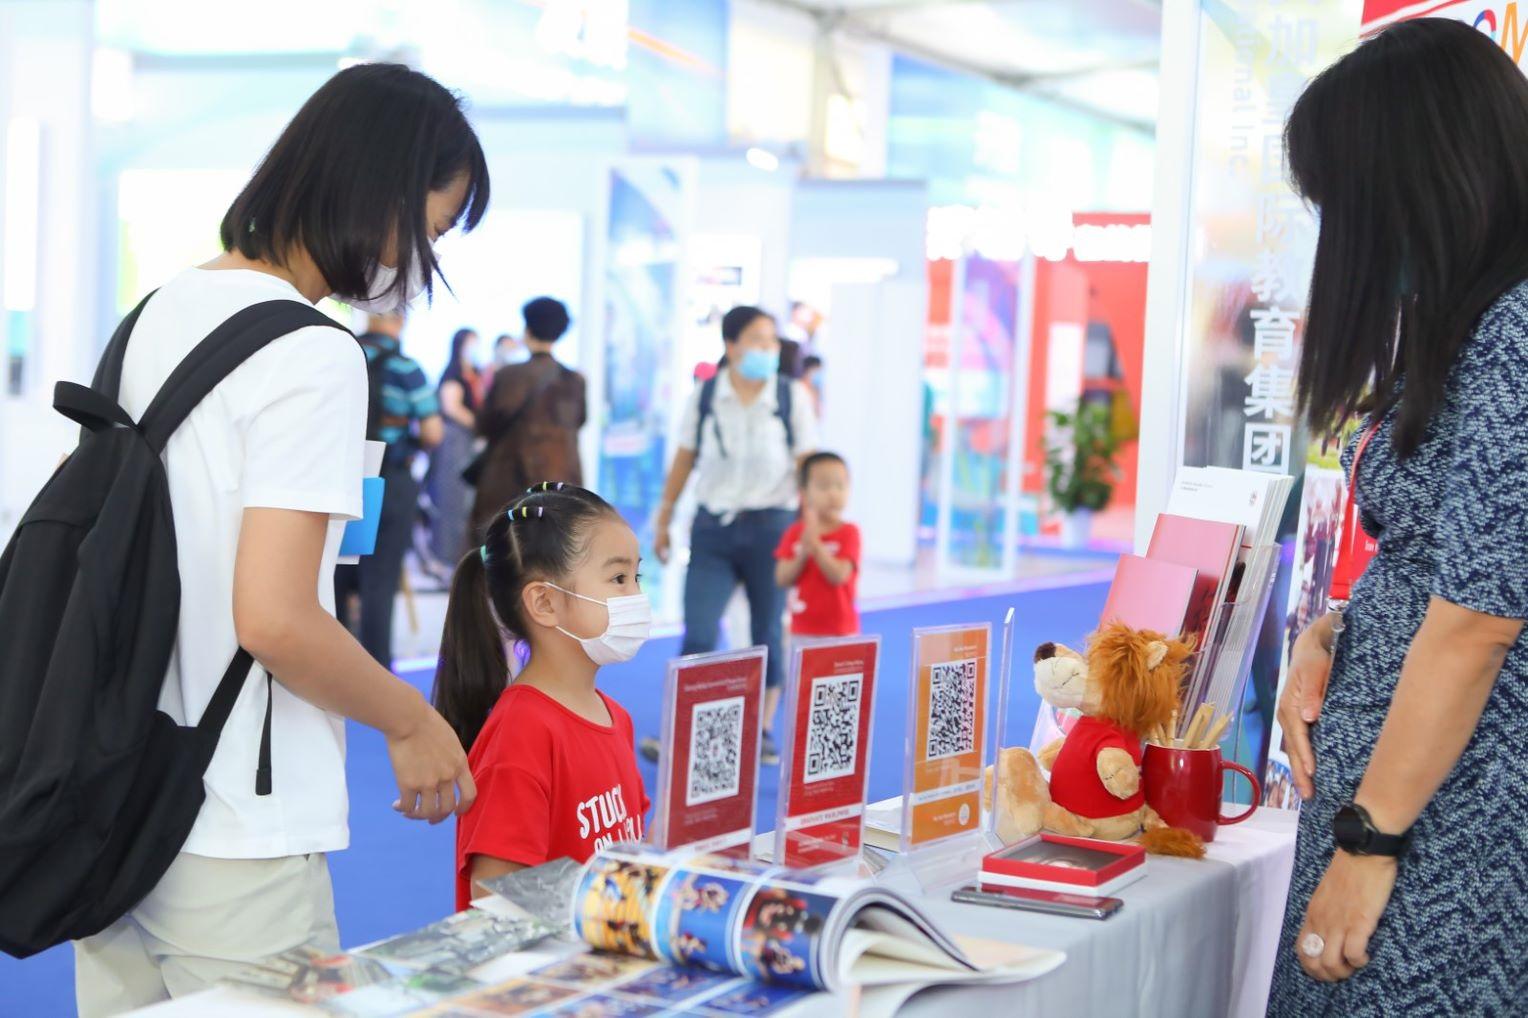 ciftis-8-北京德威英国国际学校-20200914-140310-97